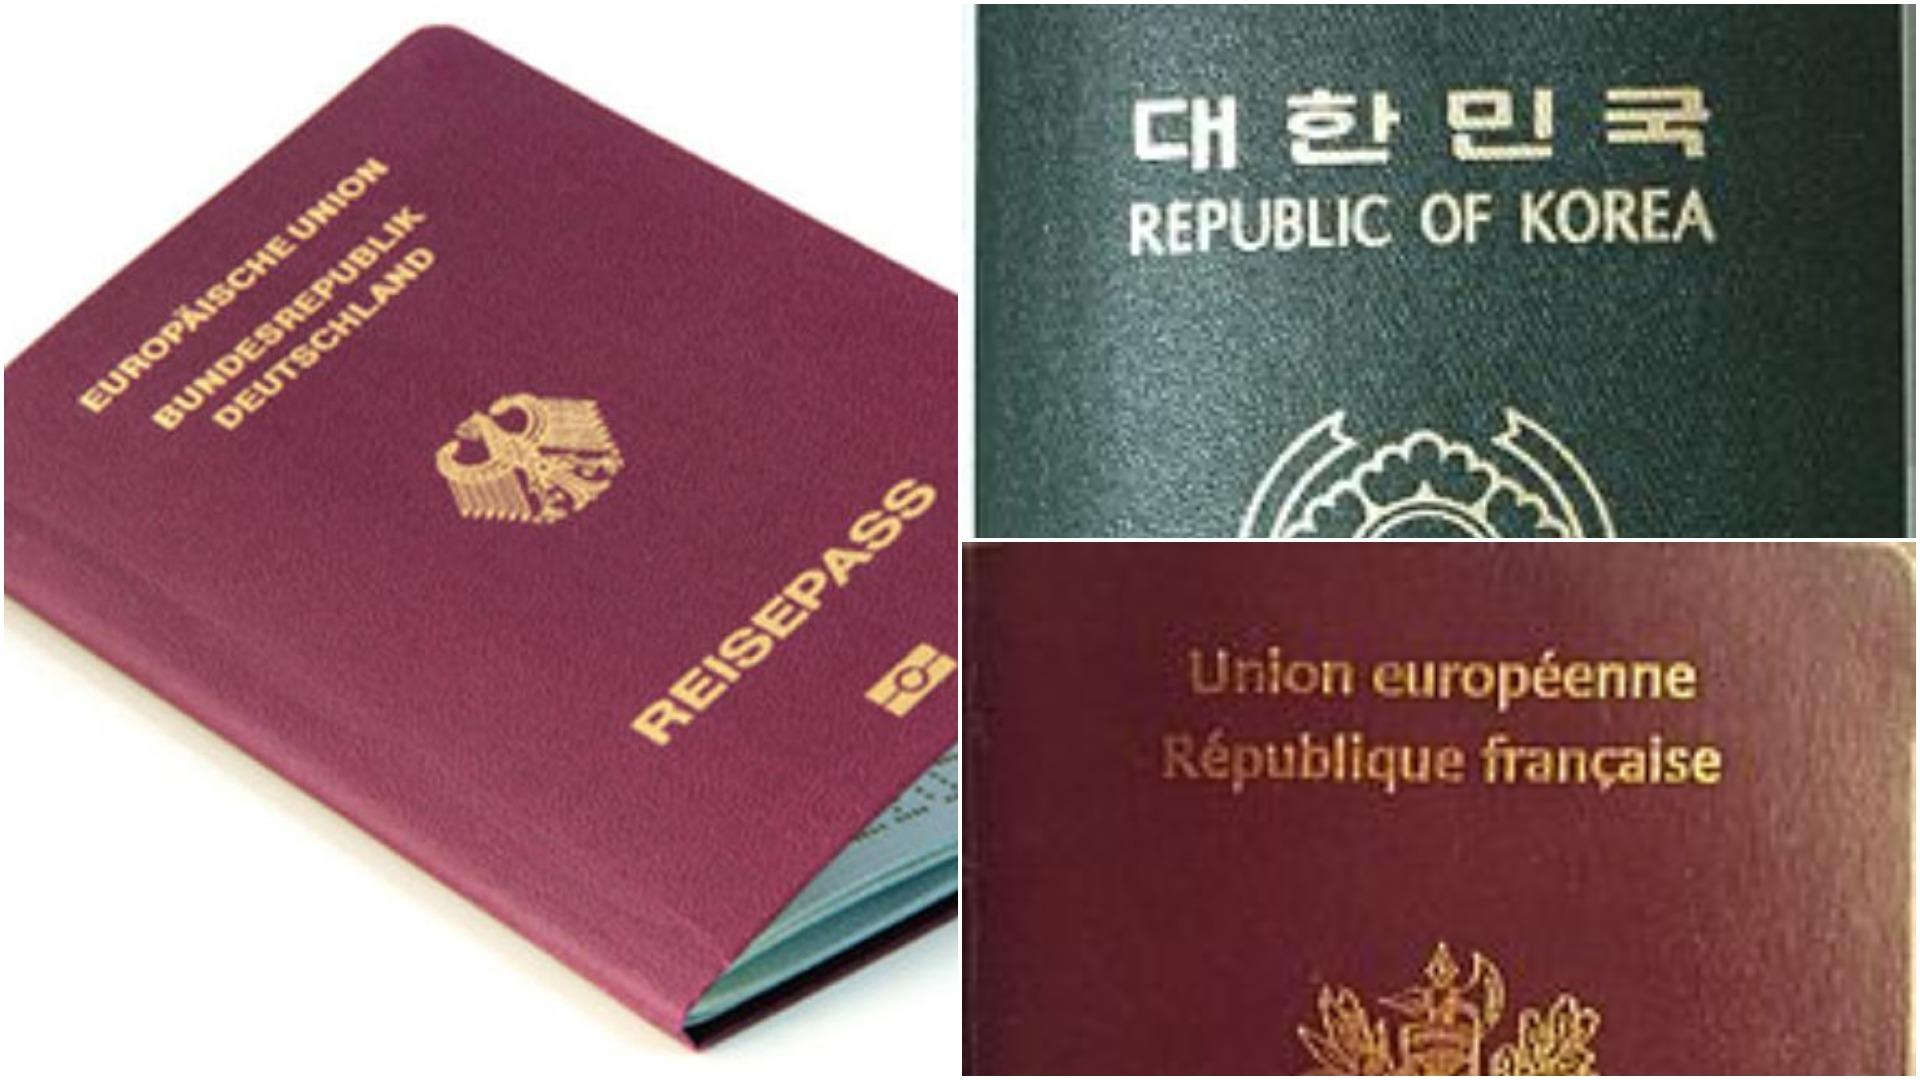 Герман Дэлхийн хамгийн хүчирхэг гадаад паспорт